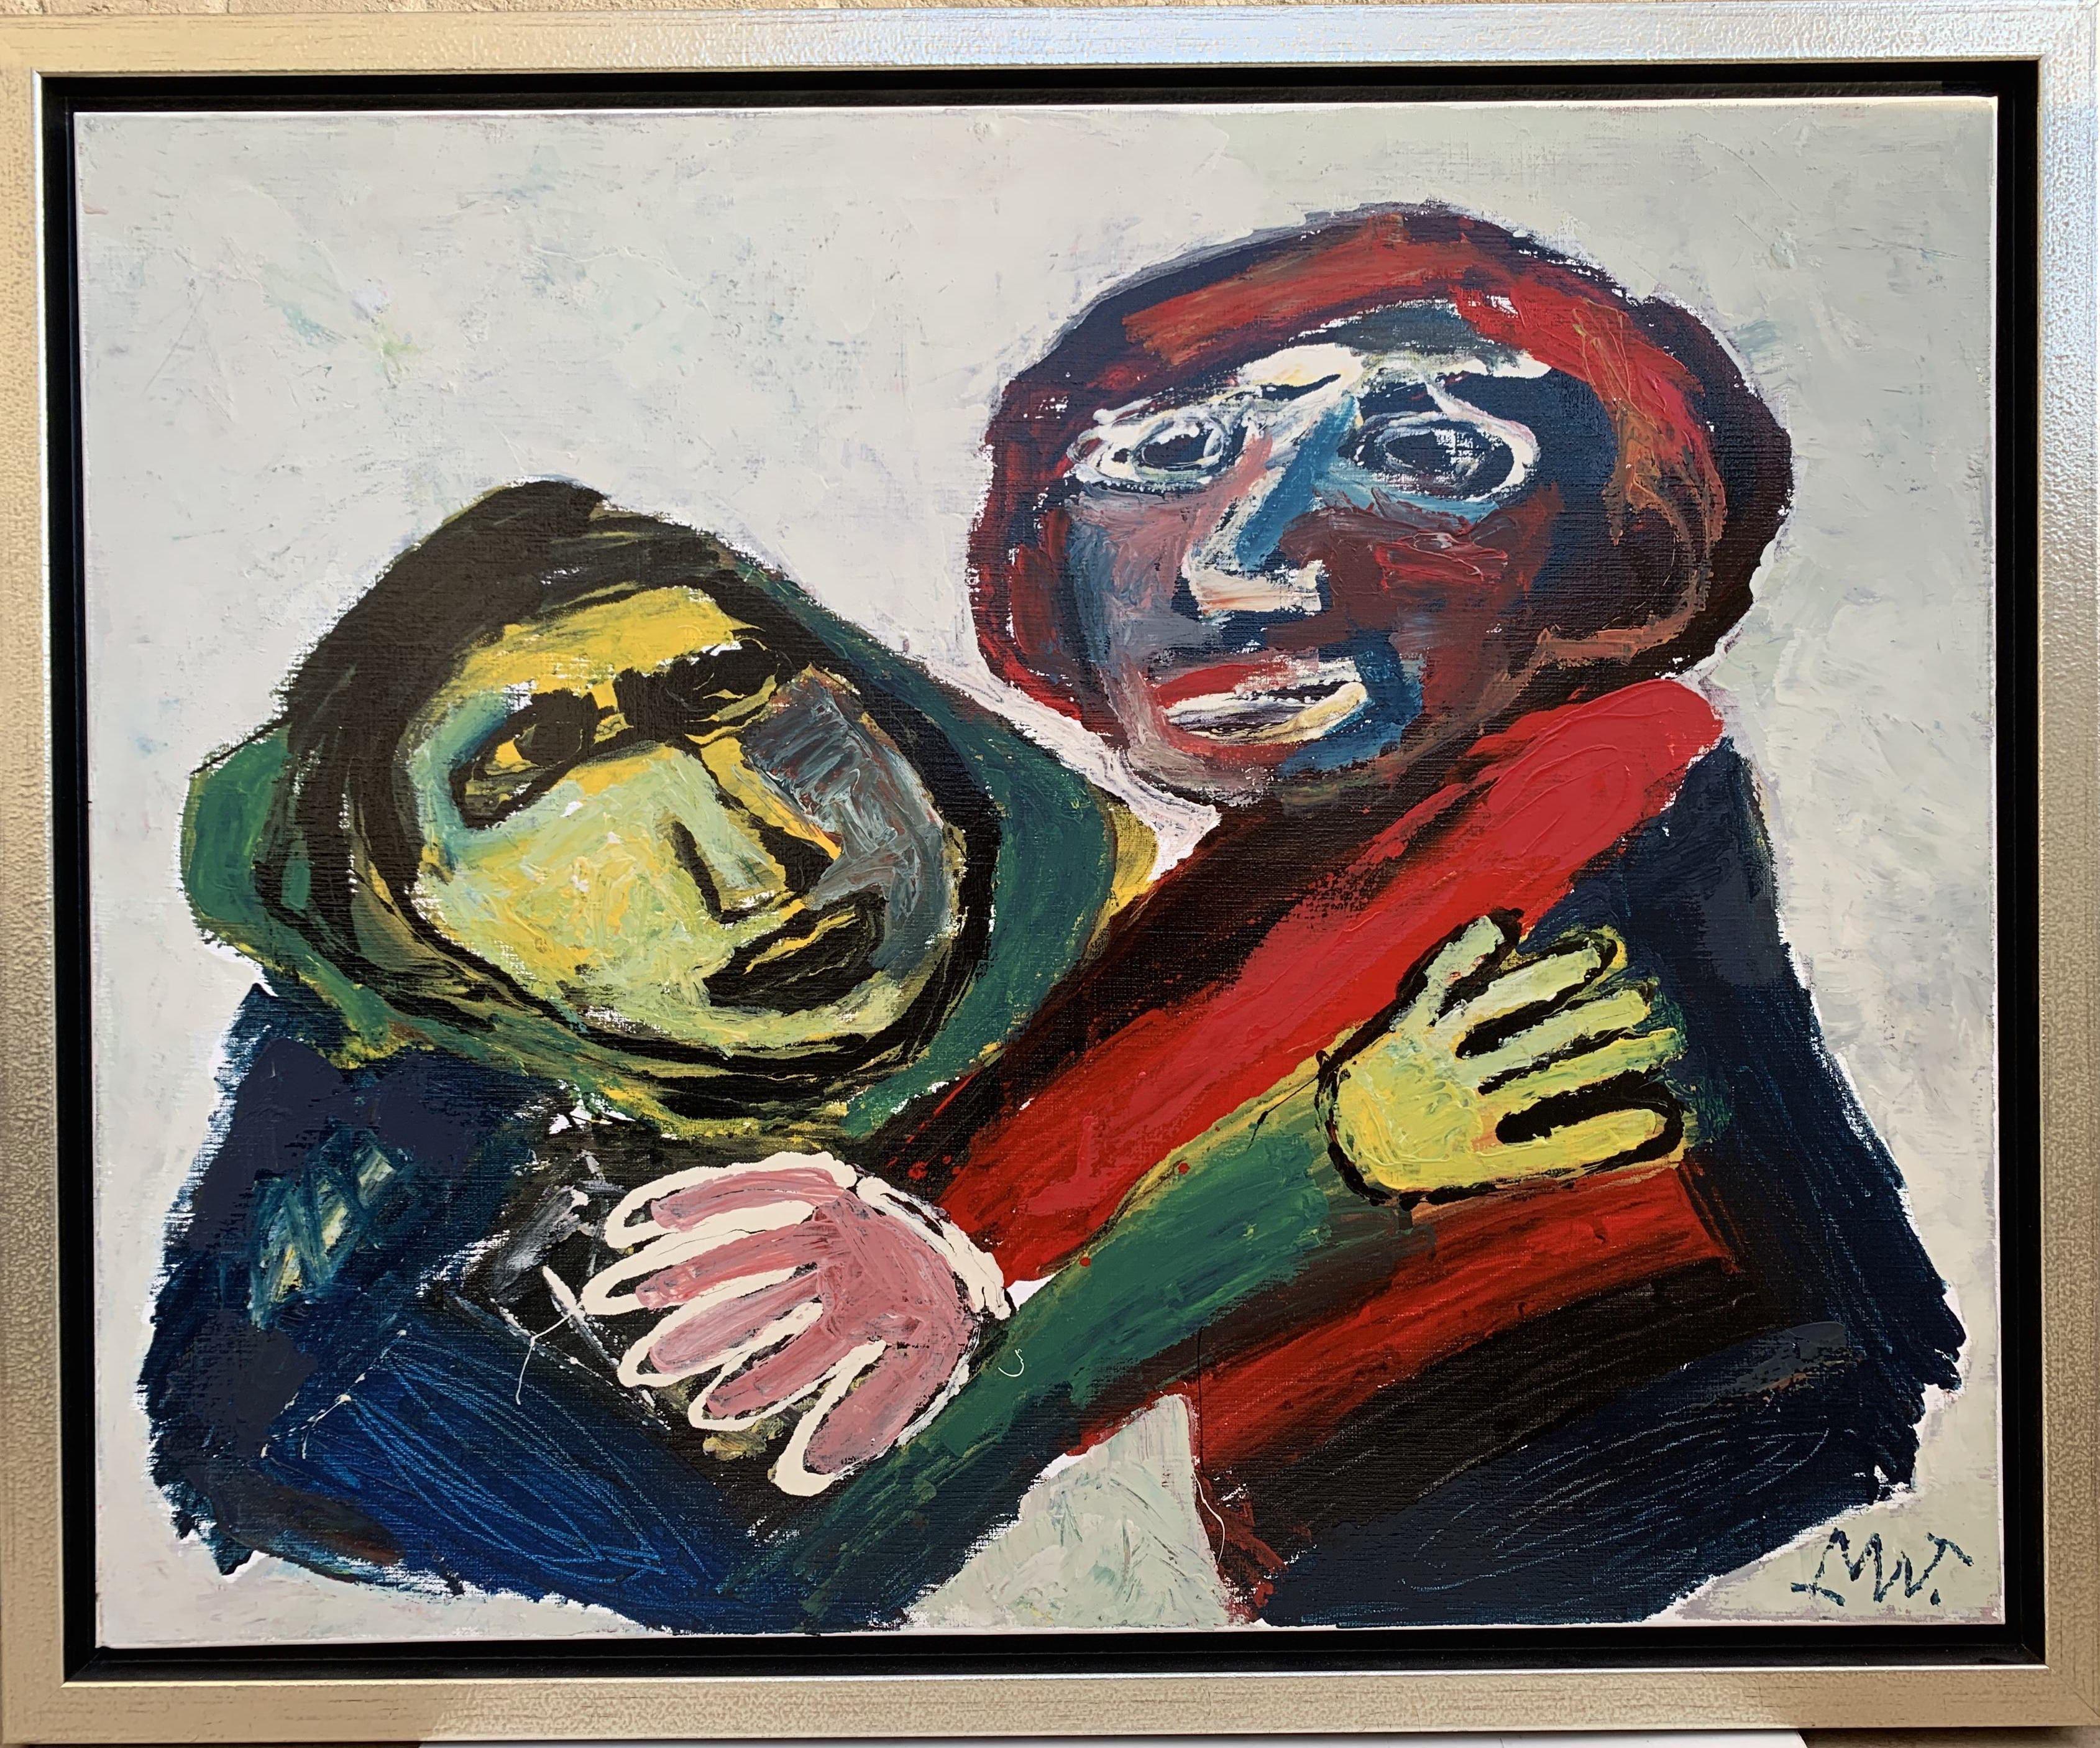 Portratmalerei Gedenkplakette Der Kuss Der Sirenenrahmen